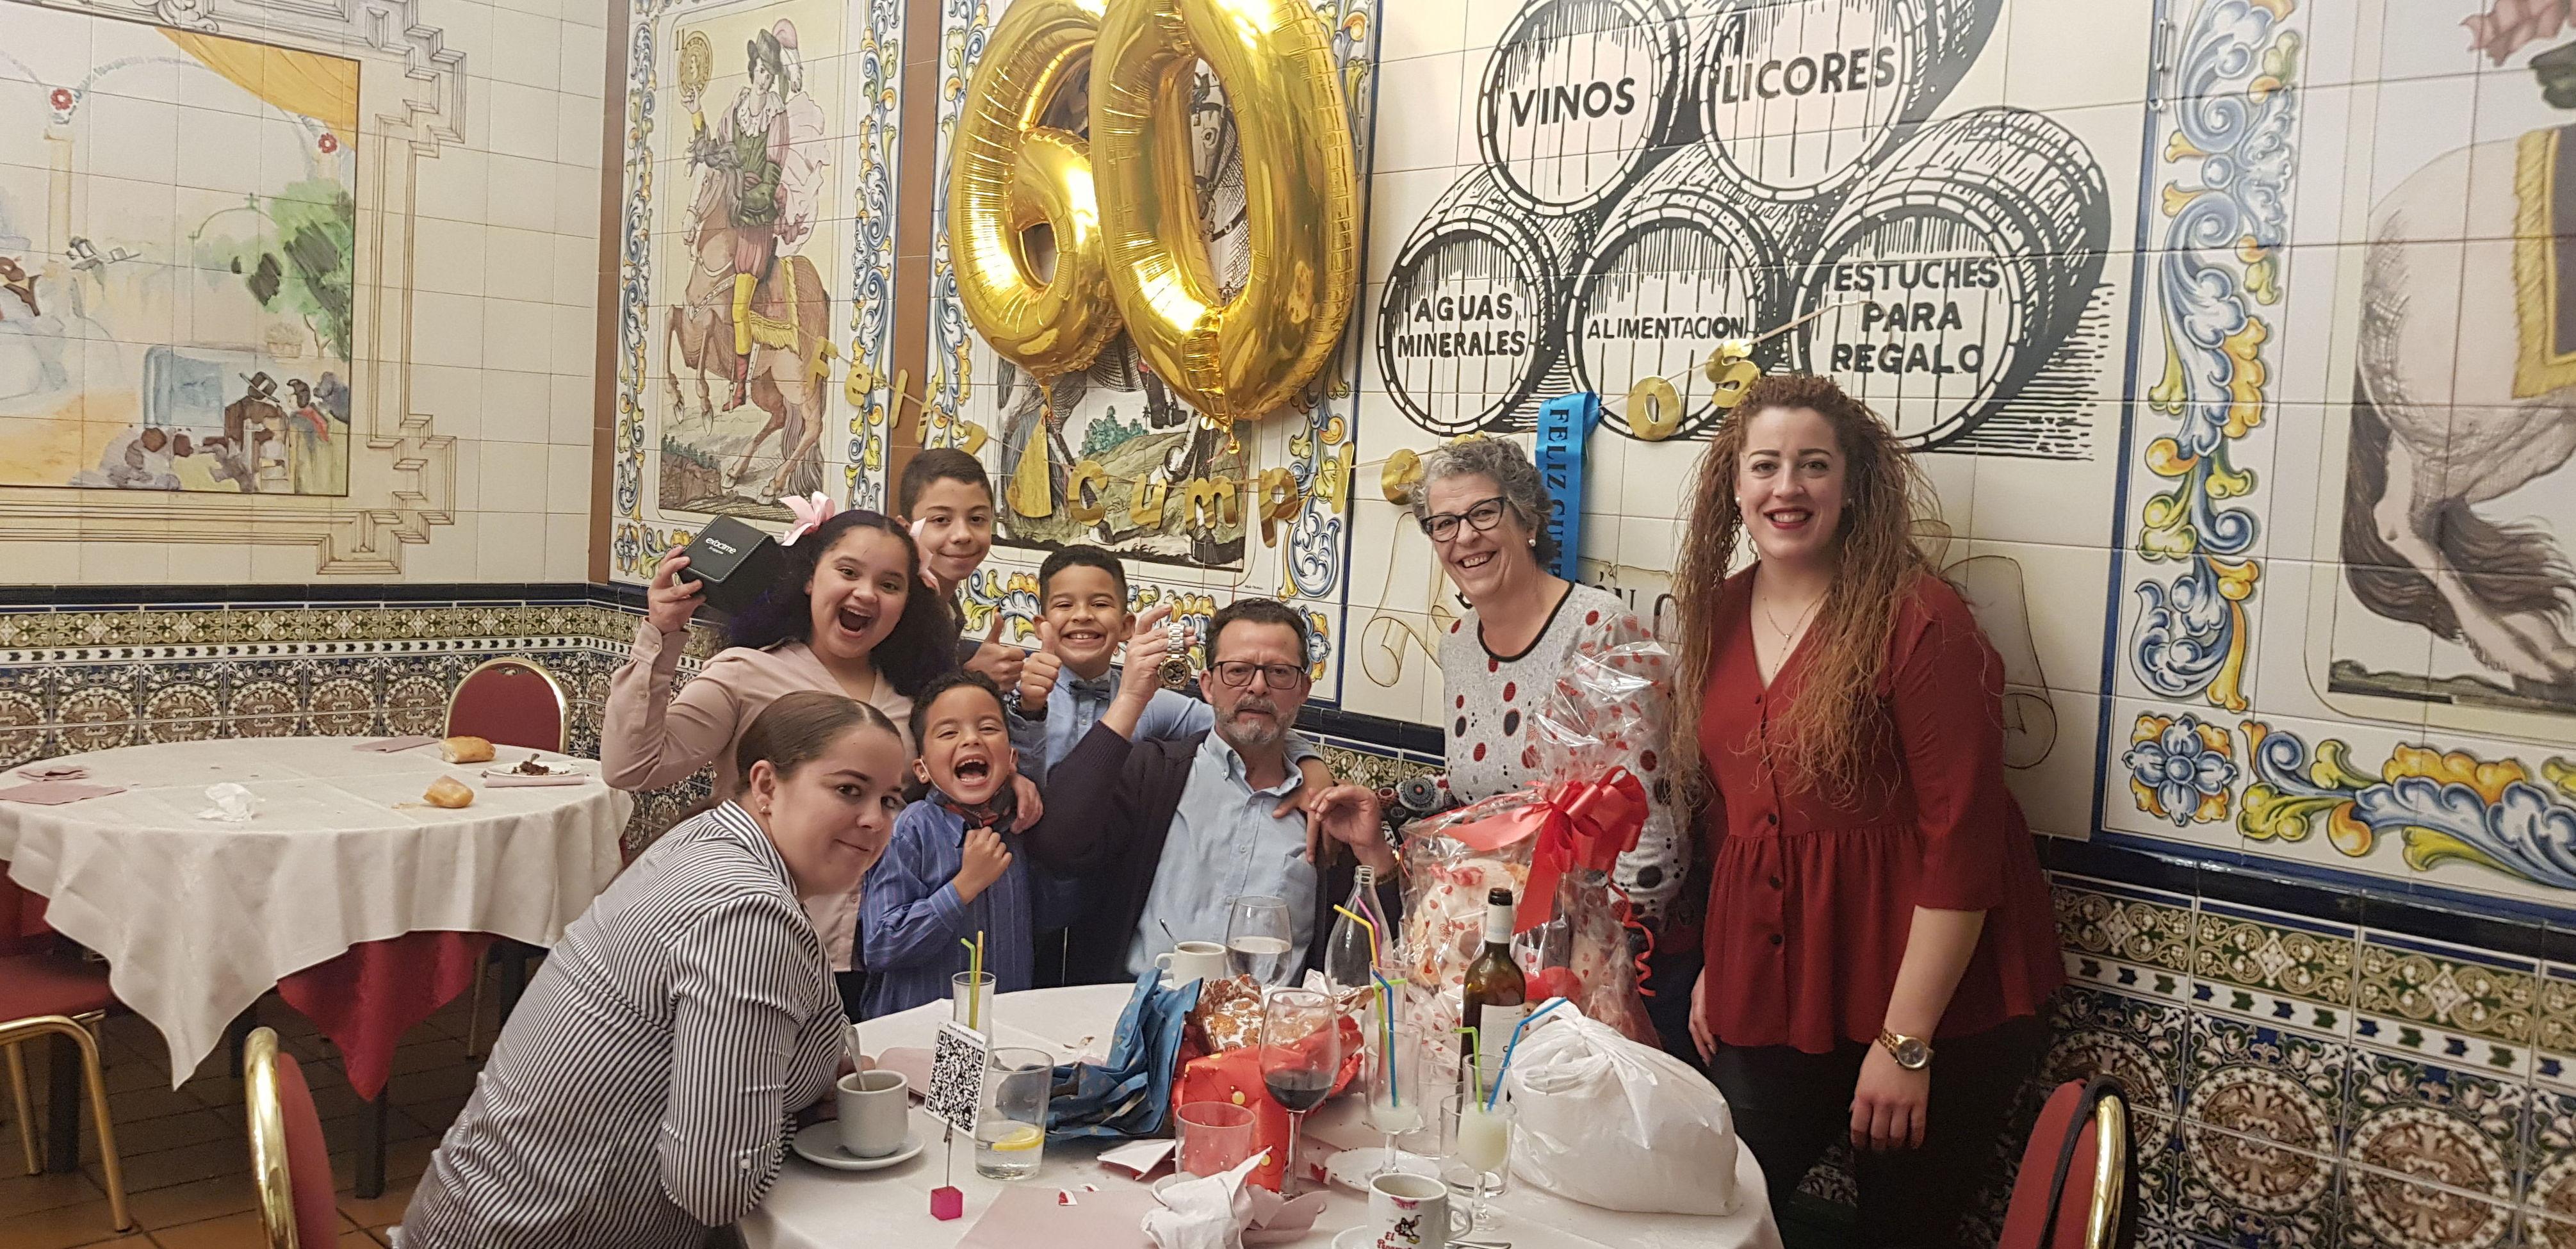 Jose y Reme celebrando los 60 ,junto a su preciosa familia, con su hija Alicia a la cabeza y los pitufos